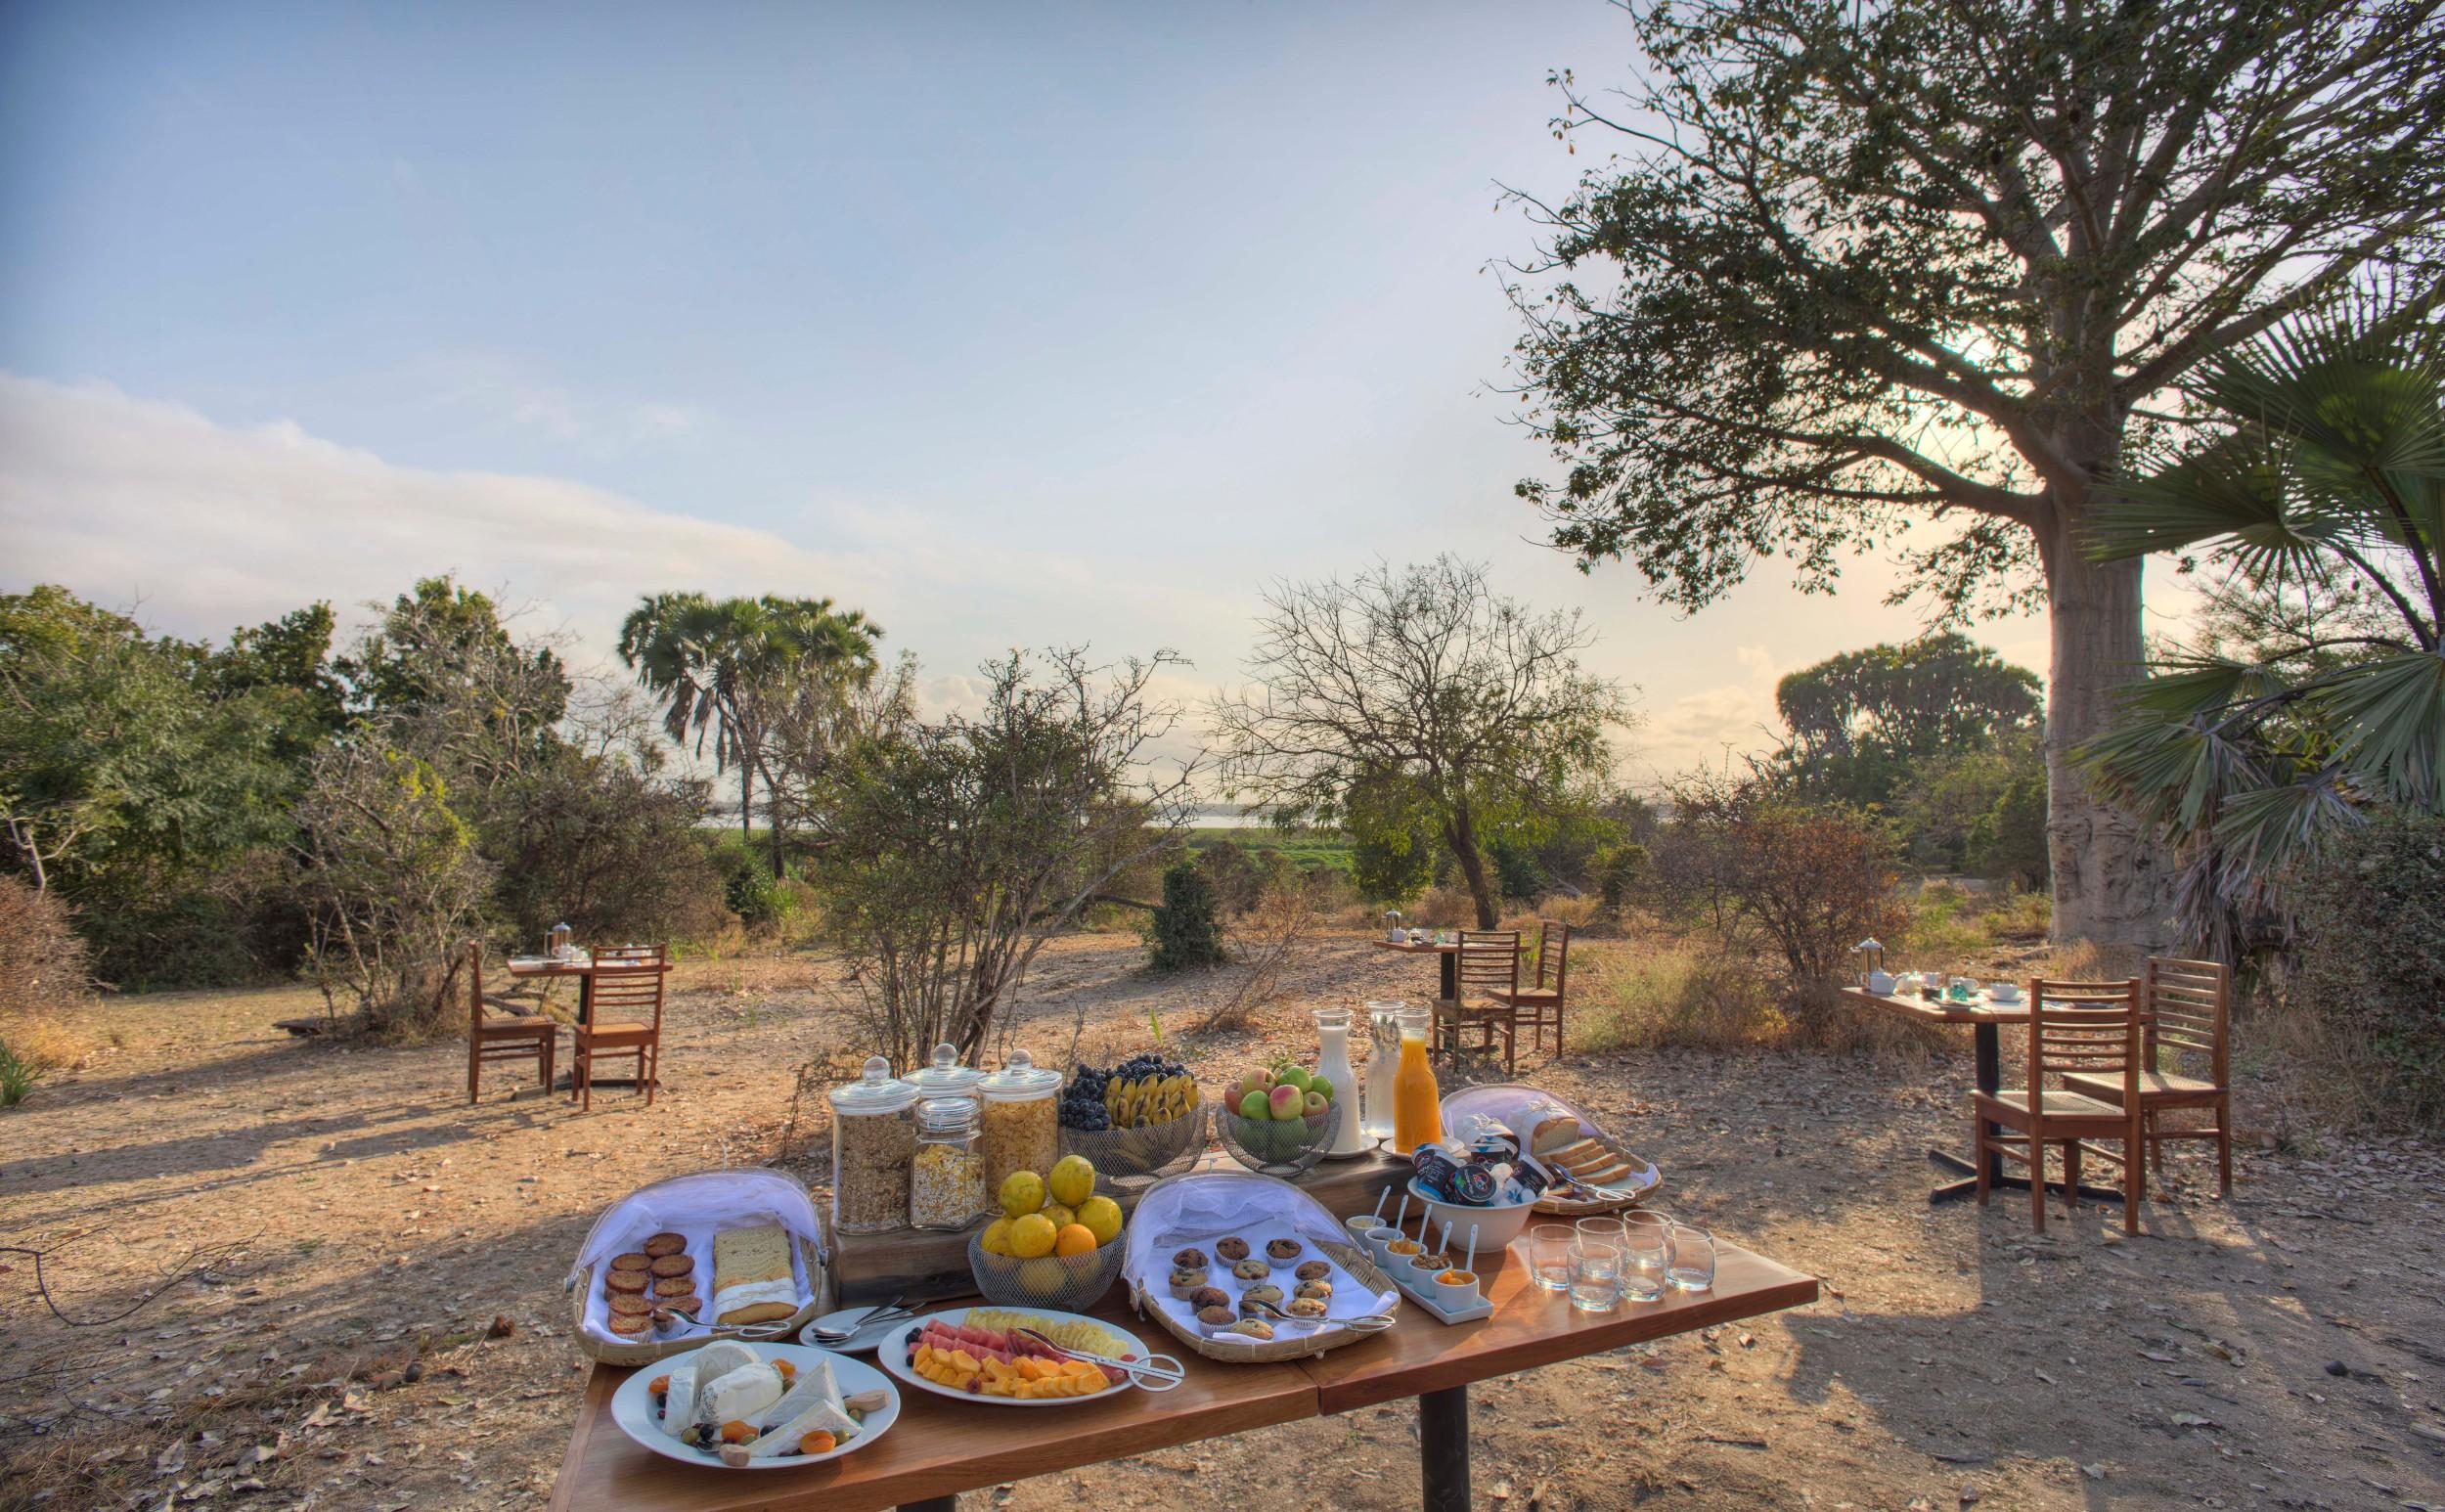 Breakfast-in-camp-roho.jpg